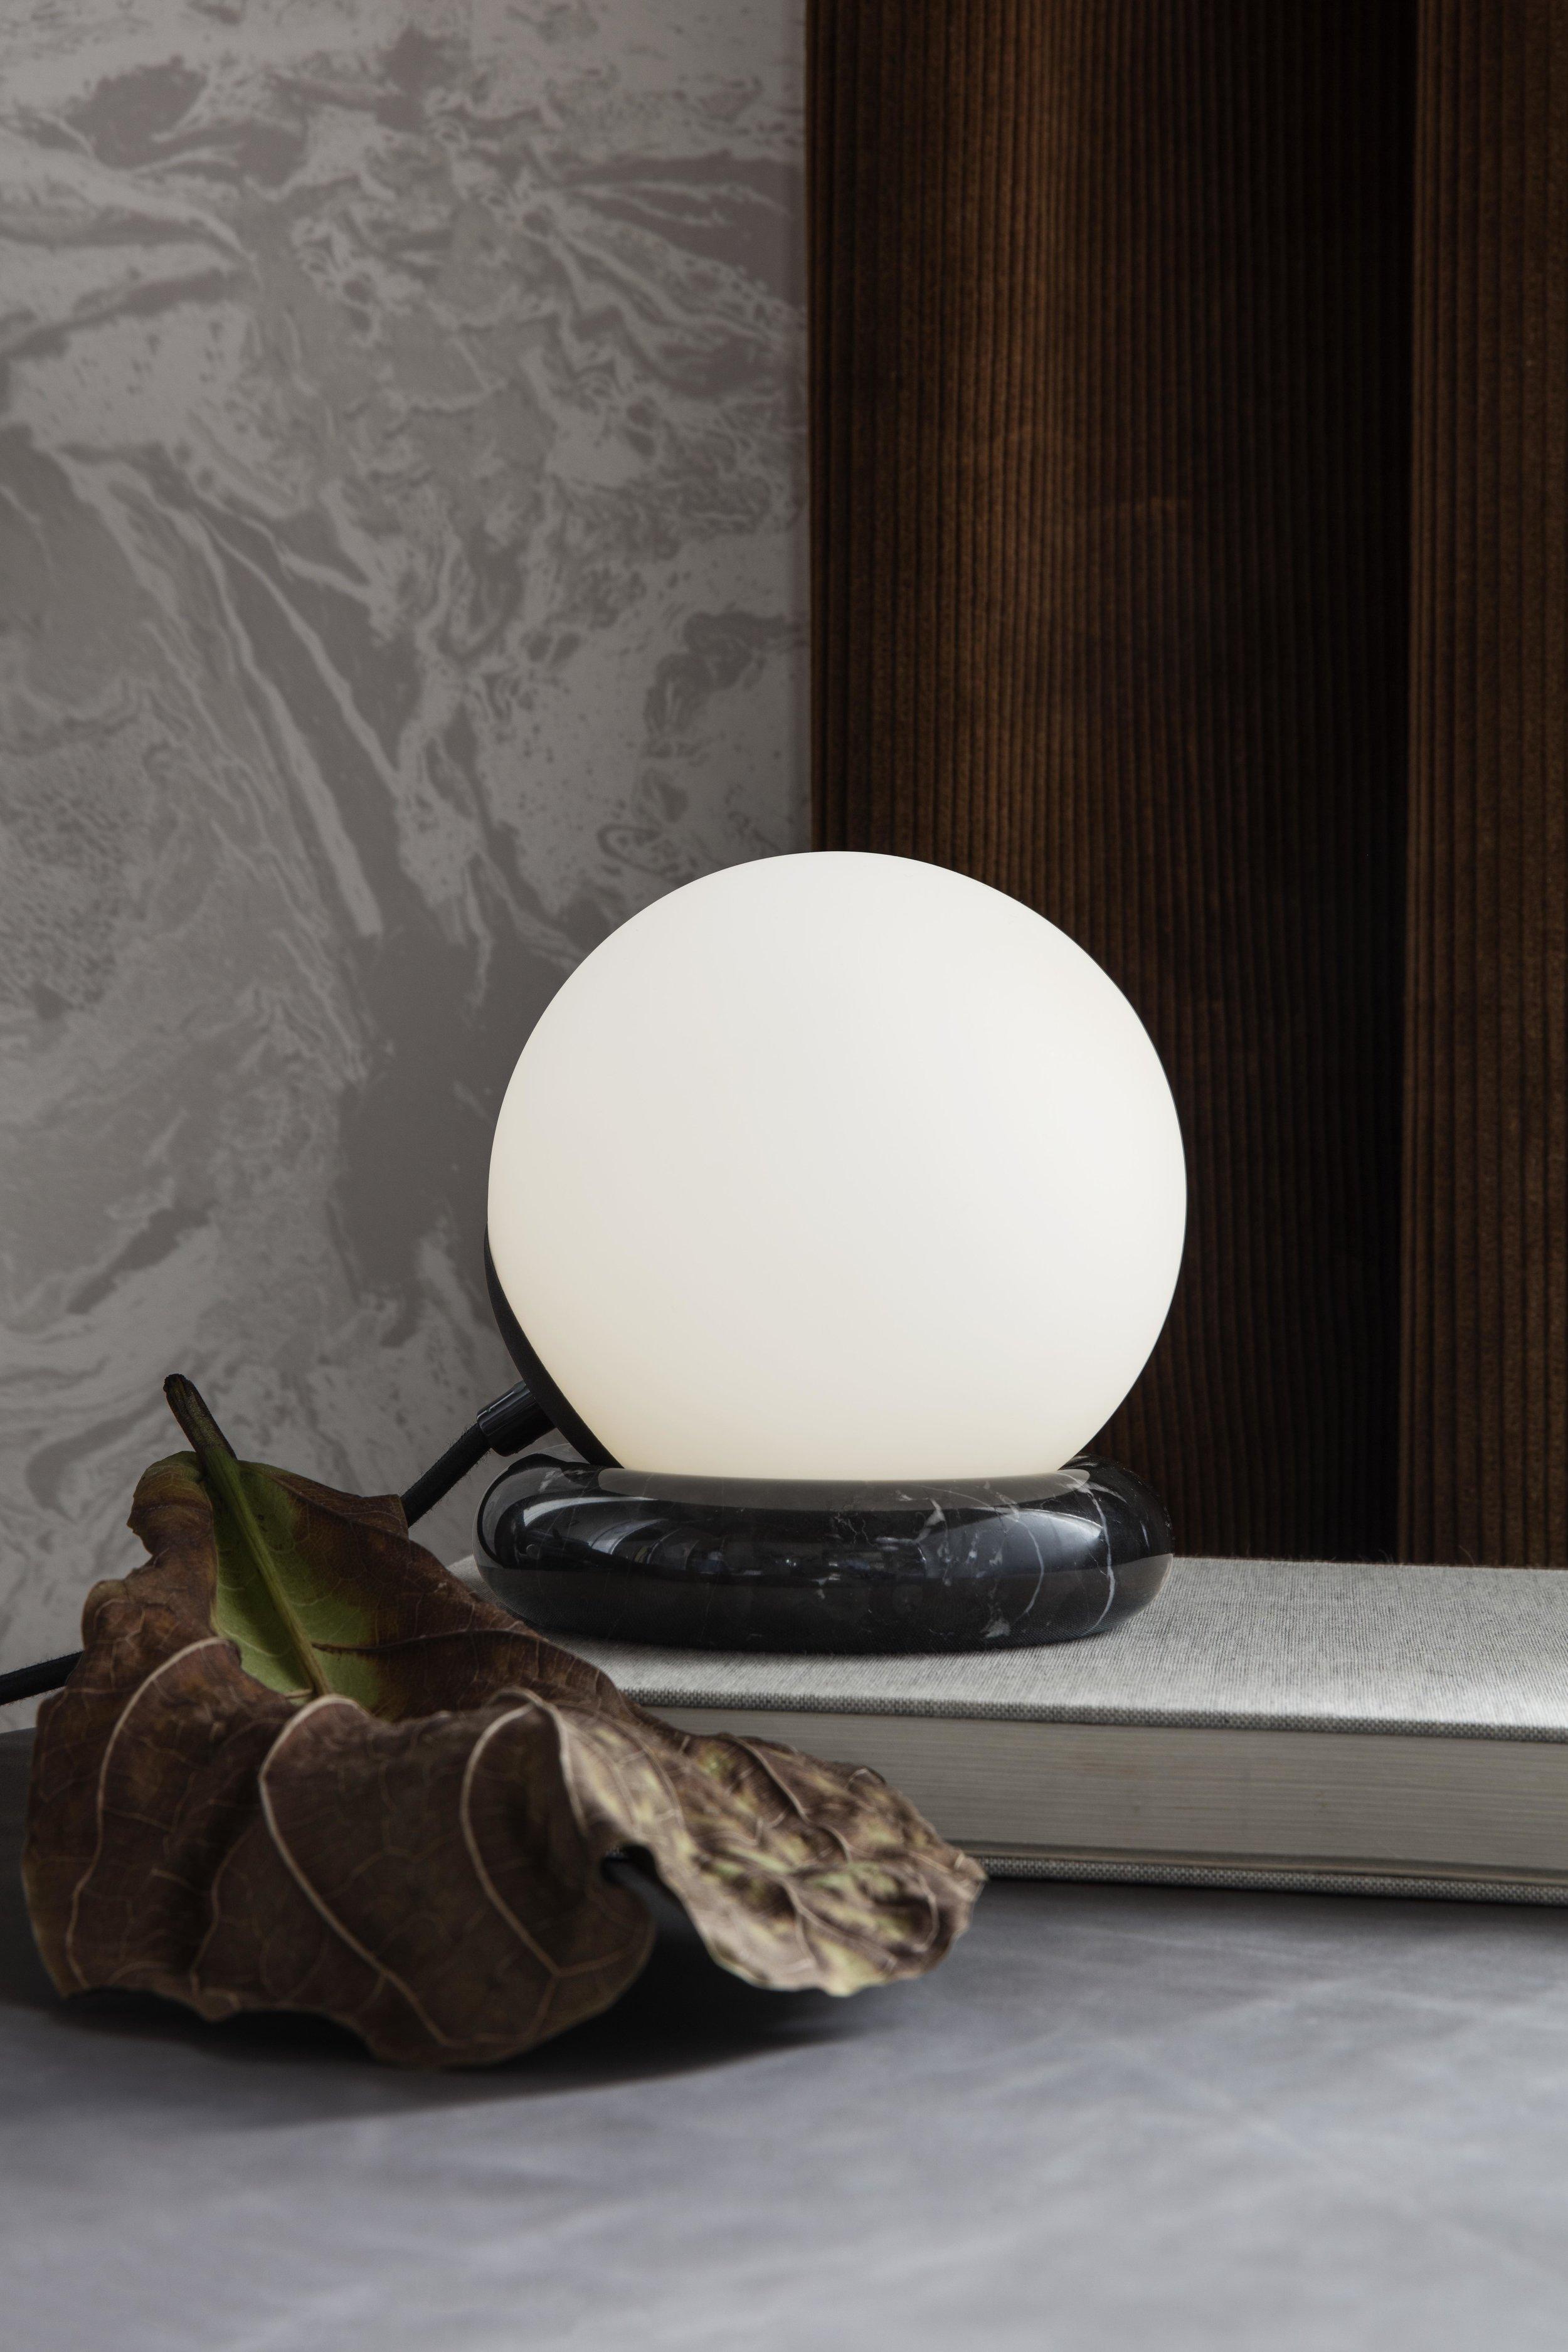 Rest lamp, Ferm living, lighting, table lamp, interiors, scandinavian design, modern lighting.jpg